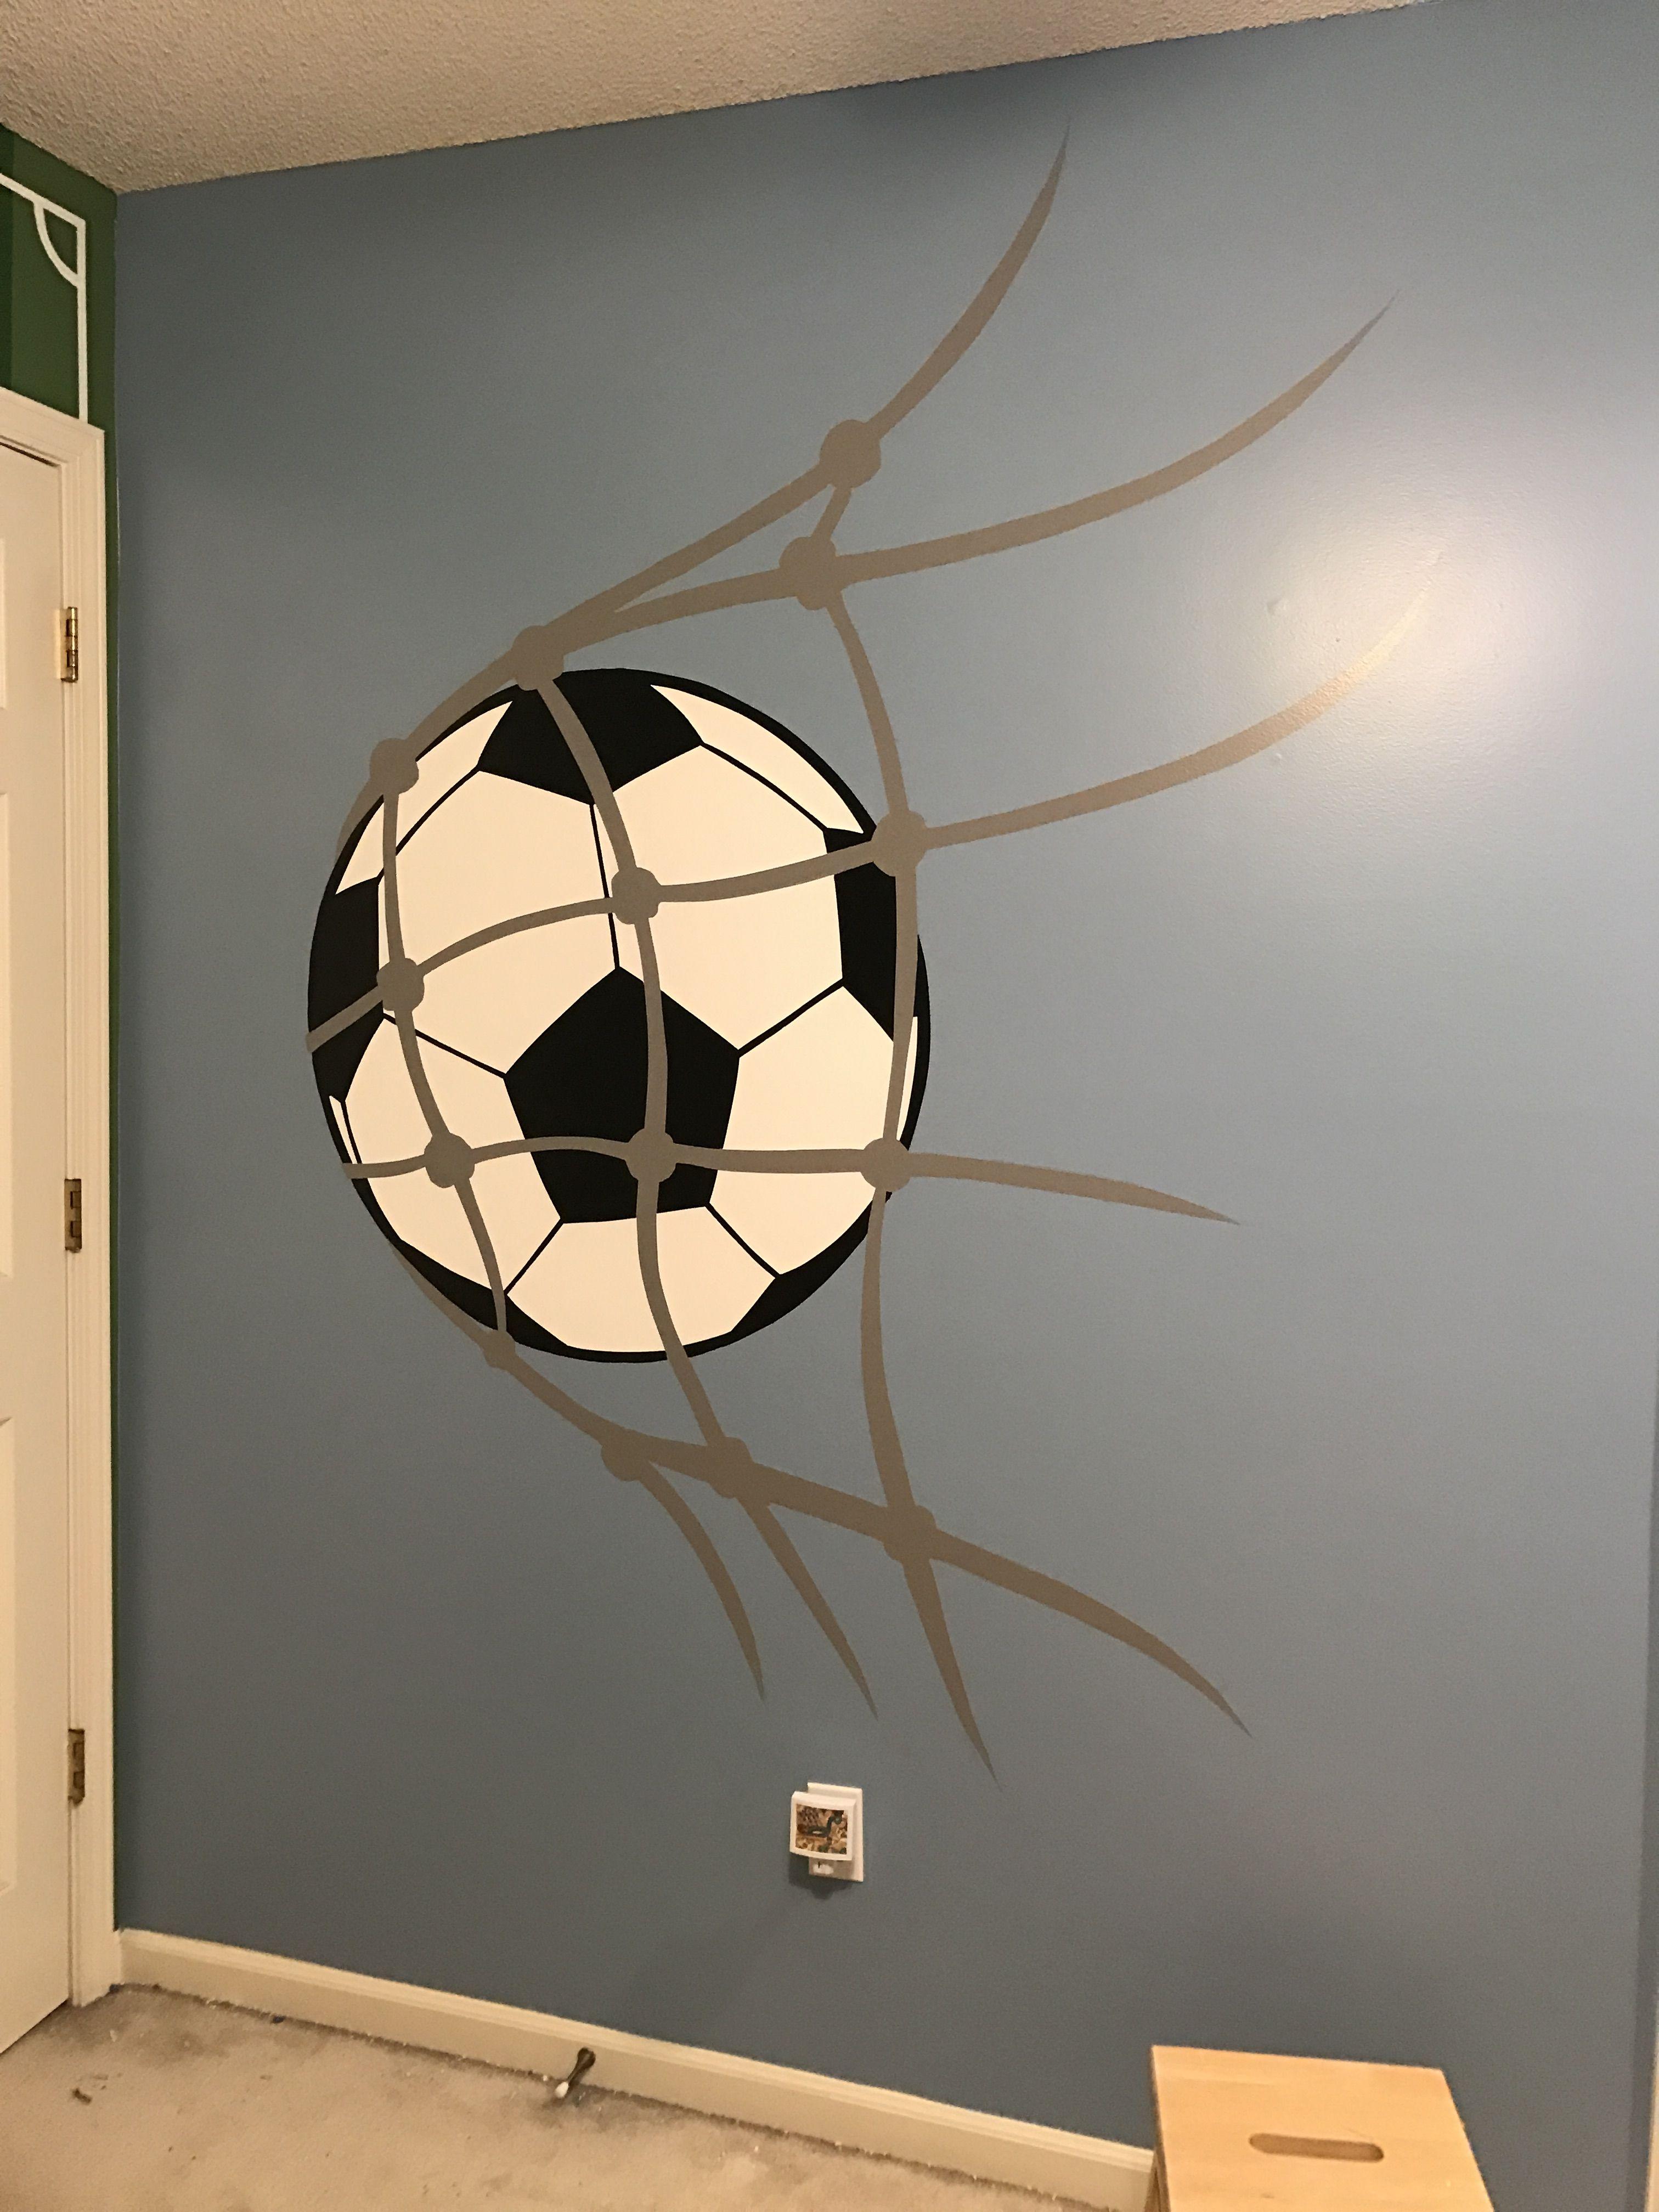 Soccer Room Designs: Soccer Ball Into A Net Bedroom Wall